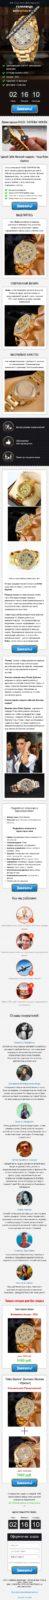 Скриншот готового лендинга для товара Женские часы Rolex Daytona 001 - моб